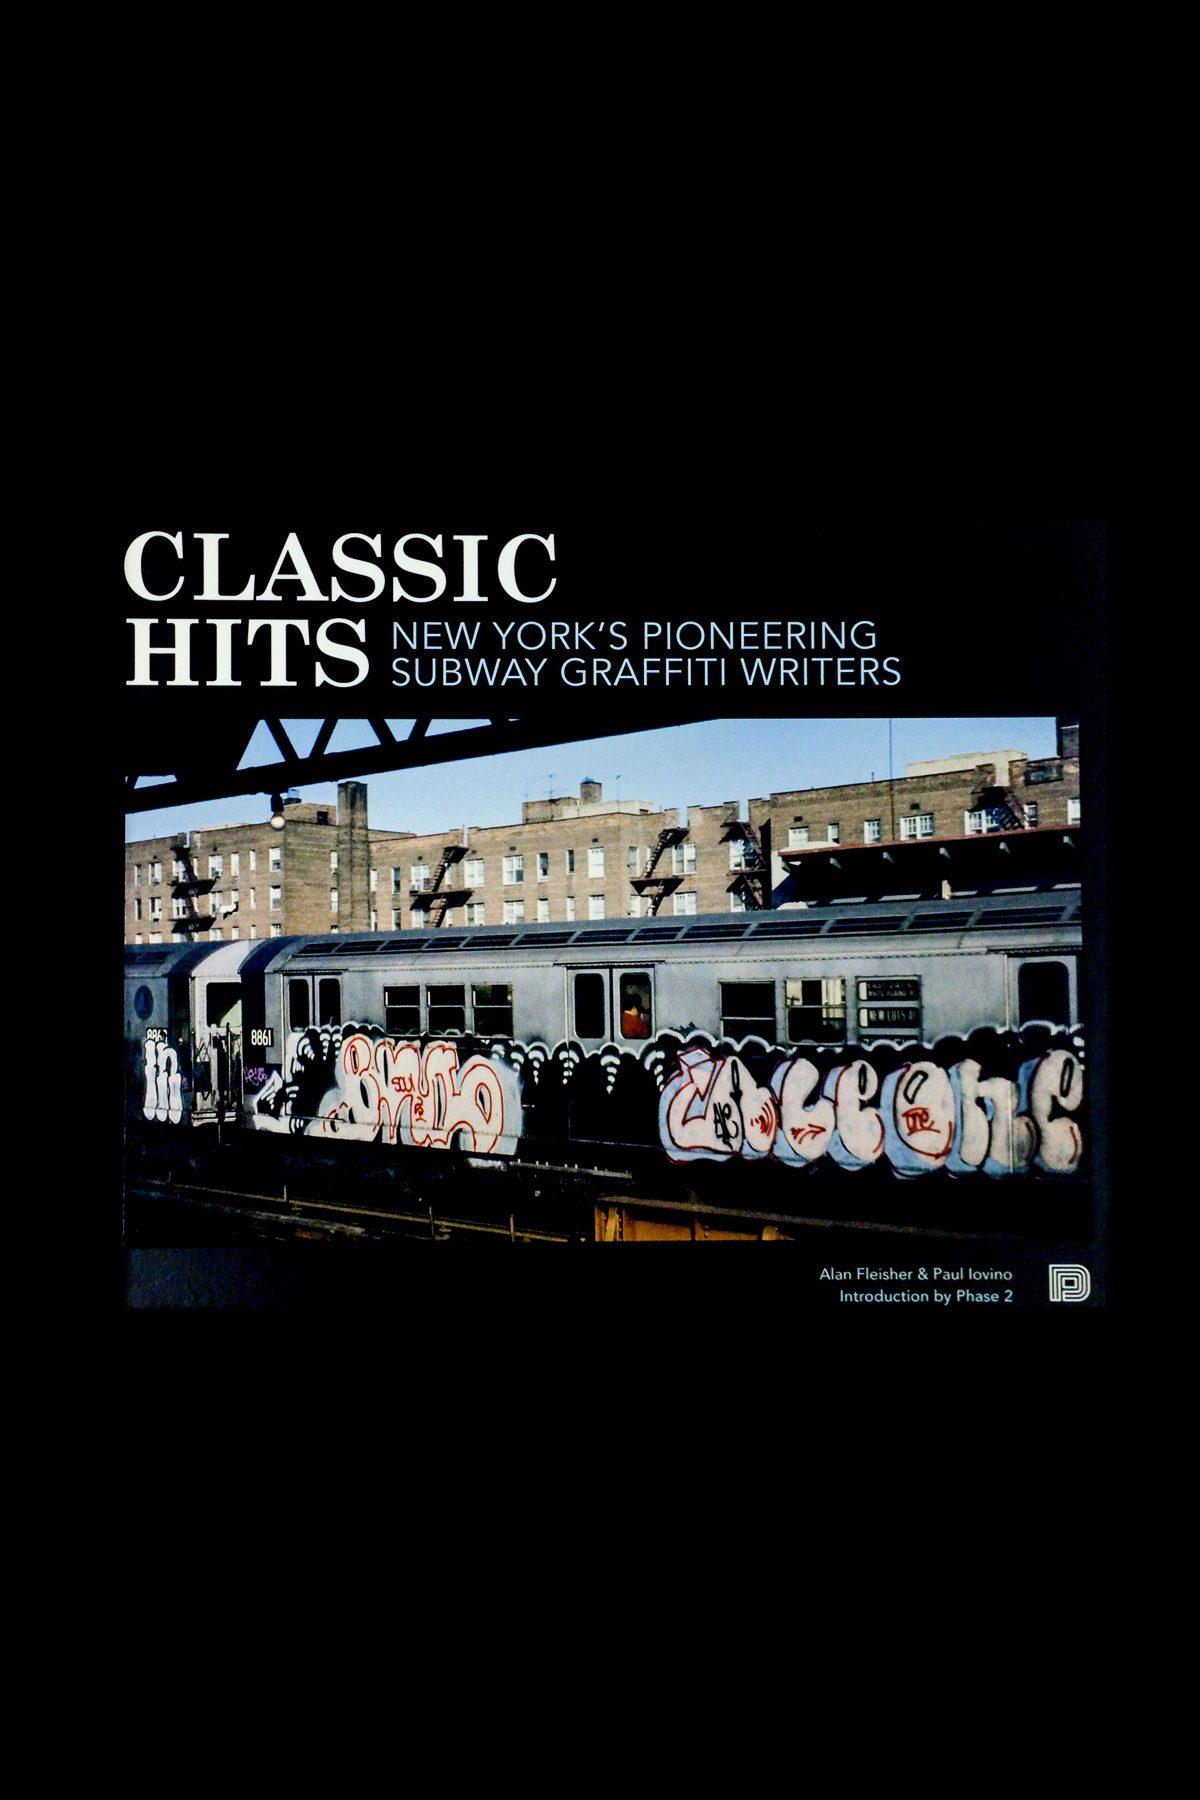 CLASSIC HITS - New York's pioneering subway graffiti writers